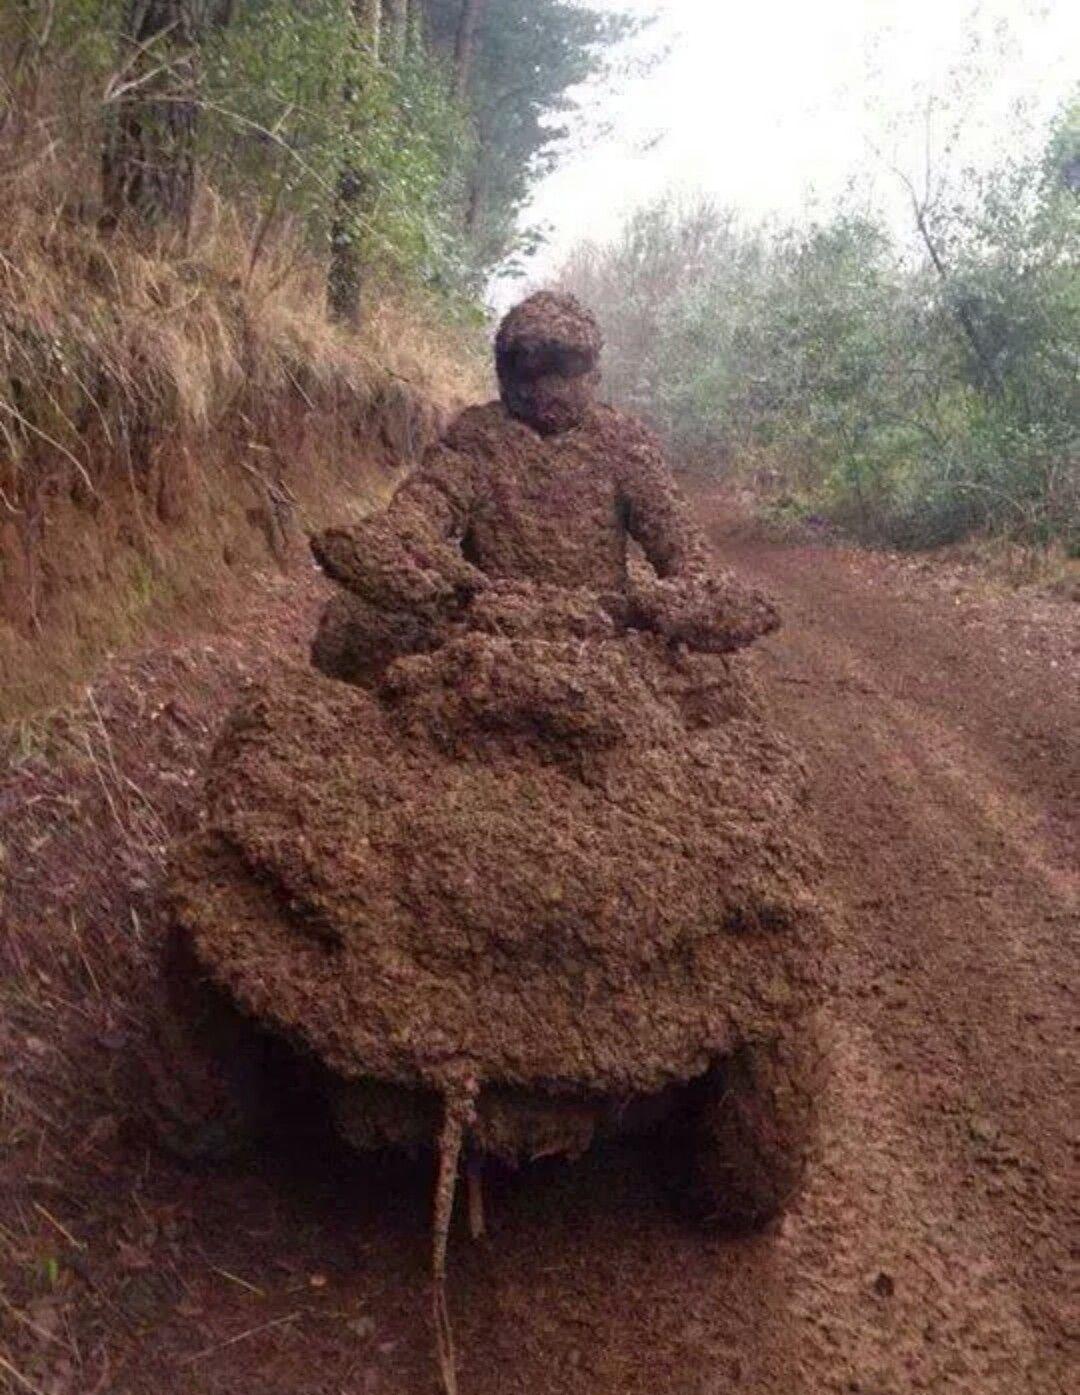 faire du quad dans la boue divers pinterest boue quad et faire. Black Bedroom Furniture Sets. Home Design Ideas